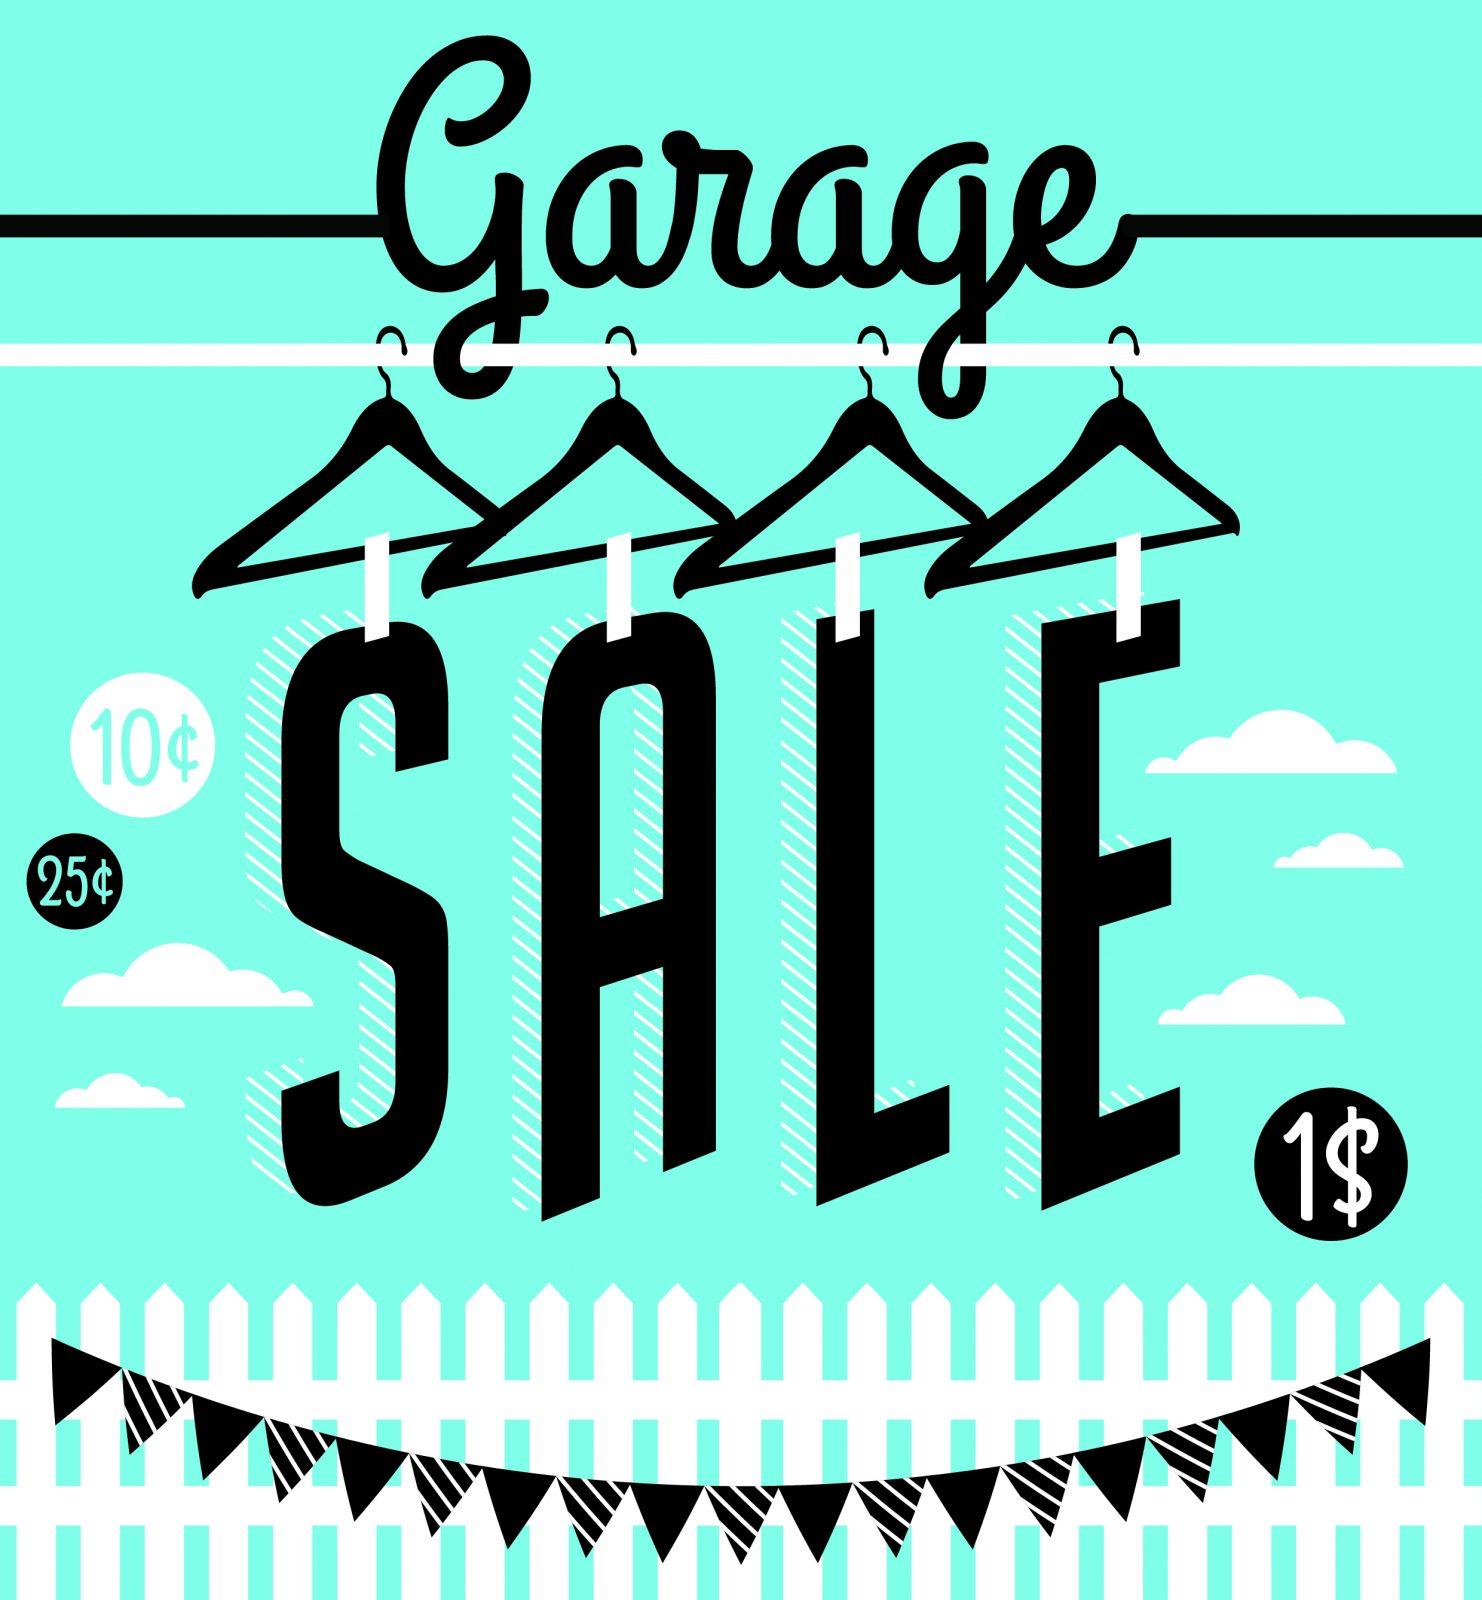 Garage Sales 2bs 95 1 Fm